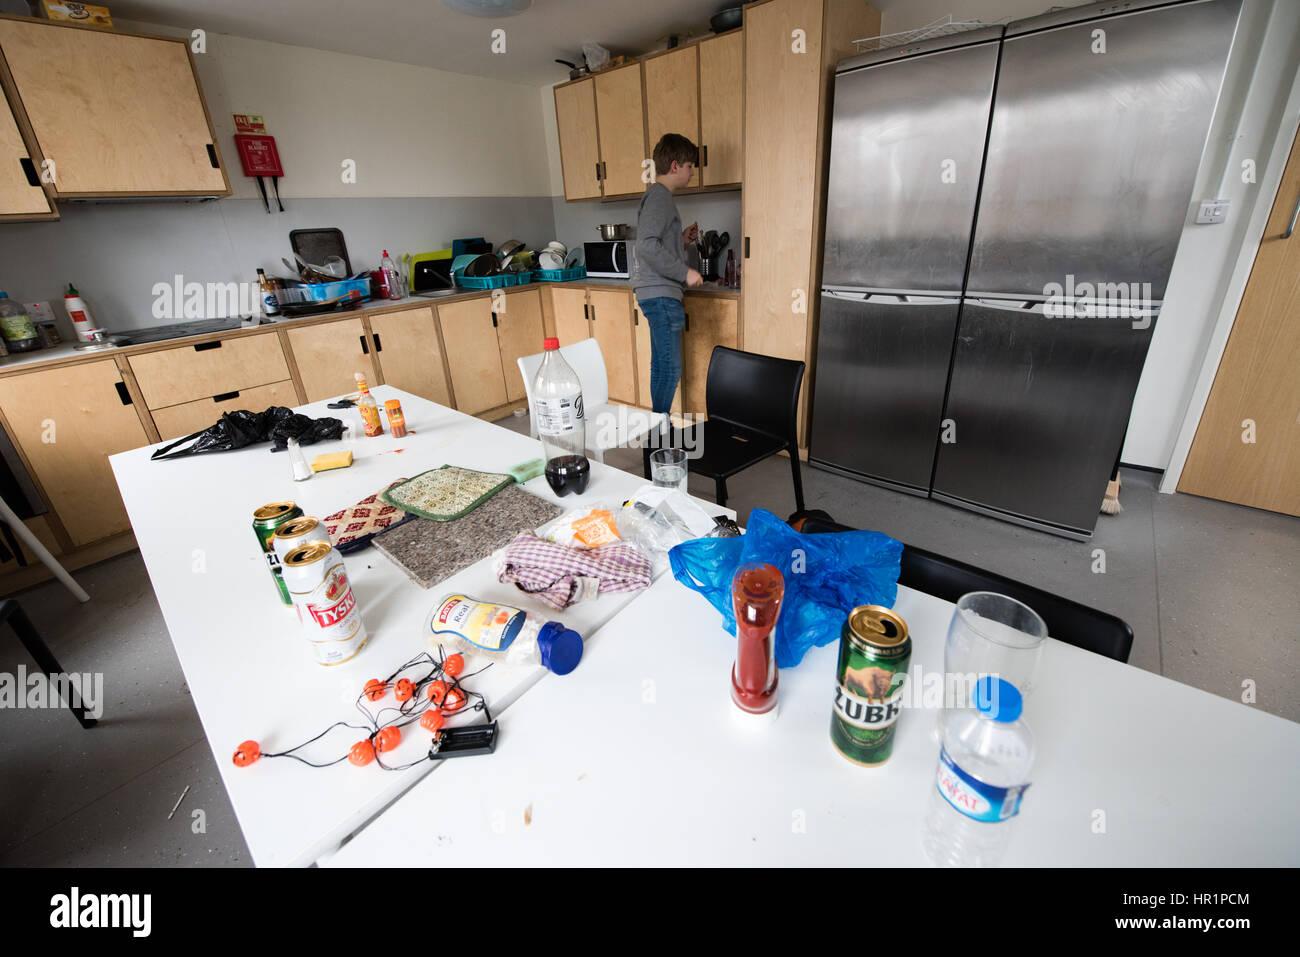 Sucio desordenado estudiante cocina compartida con pilas de lavado por el fregadero y una mesa comunal plagado de Foto de stock